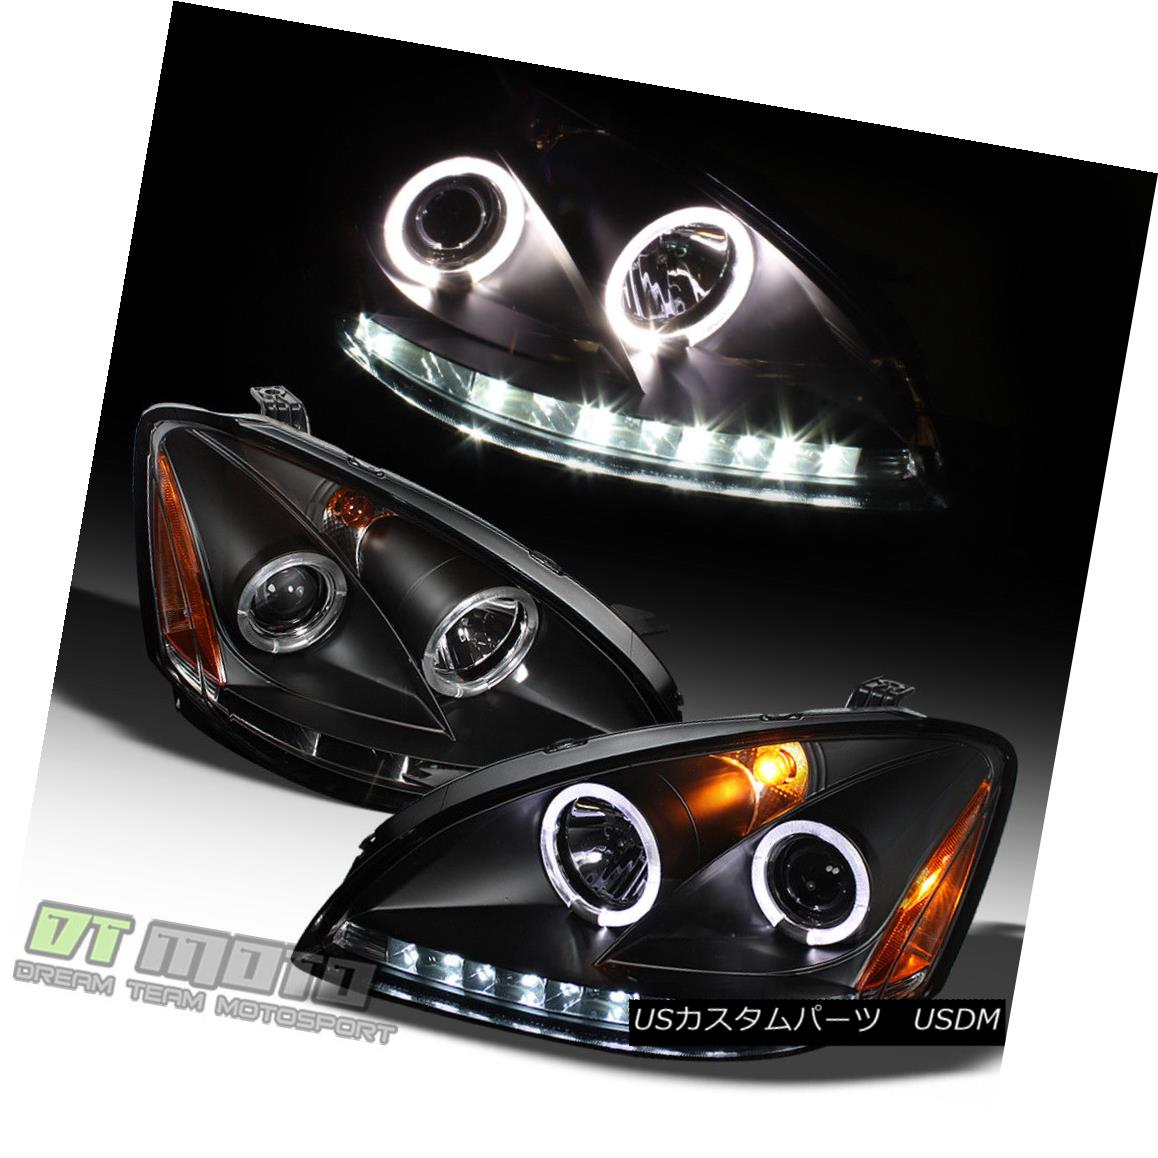 ヘッドライト Black For 2002-2004 Altima LED DRL Halo Projector Headlights 02 03 04 Headlamps ブラックは2002-2004年にAltima LED DRL Haloプロジェクターヘッドライト02 03 04ヘッドランプ